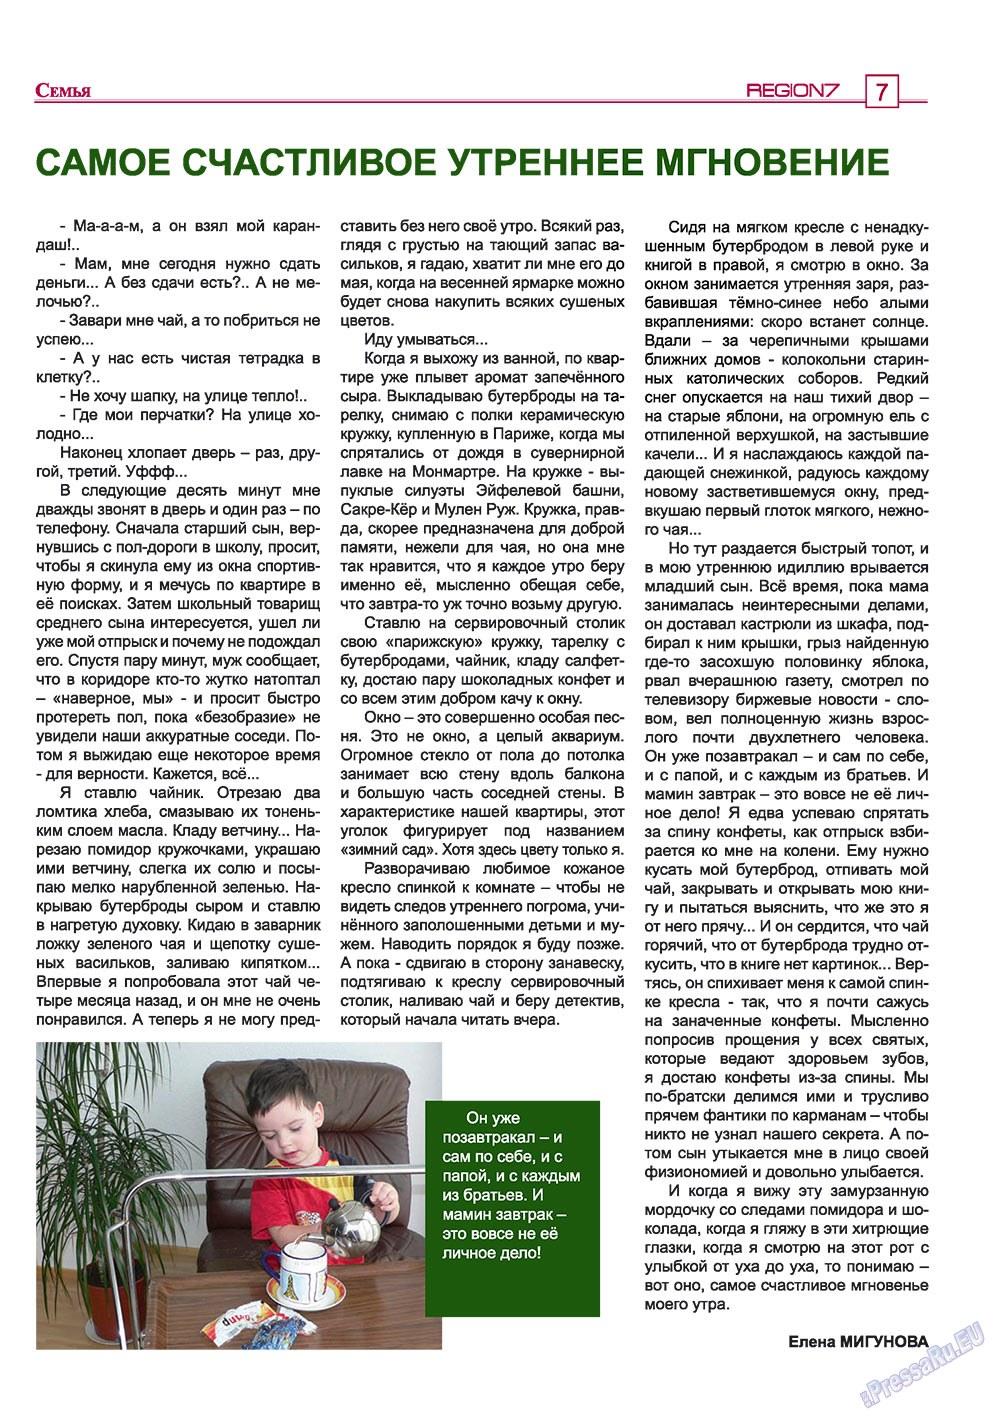 Регион (журнал). 2009 год, номер 1, стр. 7